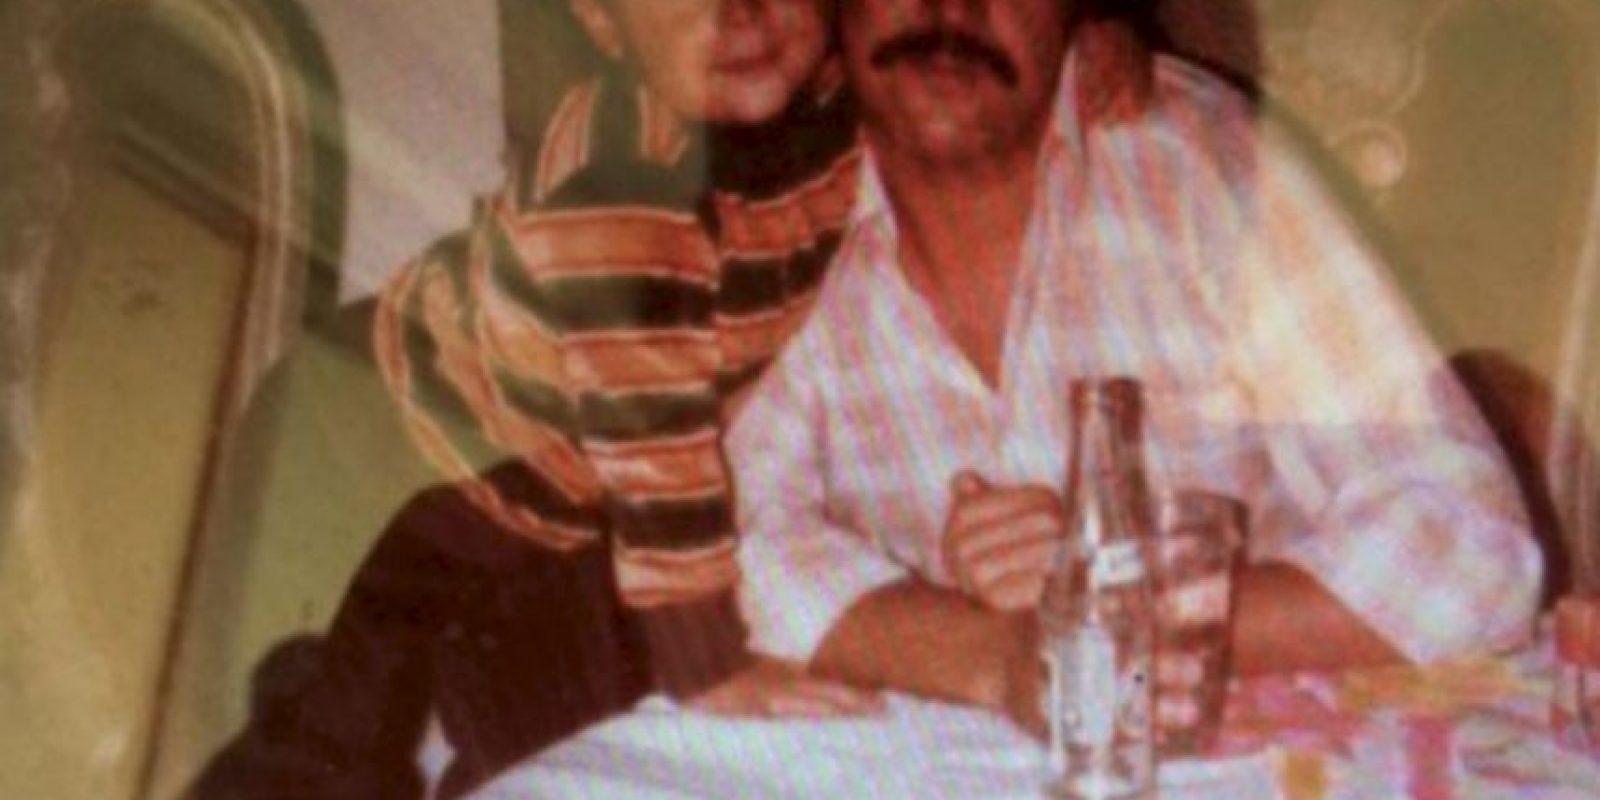 De esta manera el nazi no sería deportado para ser juzgado. Él era el enlace entre Escobar y los políticos del país. Foto:vía Facebook/Juan Sebastián Marroquín